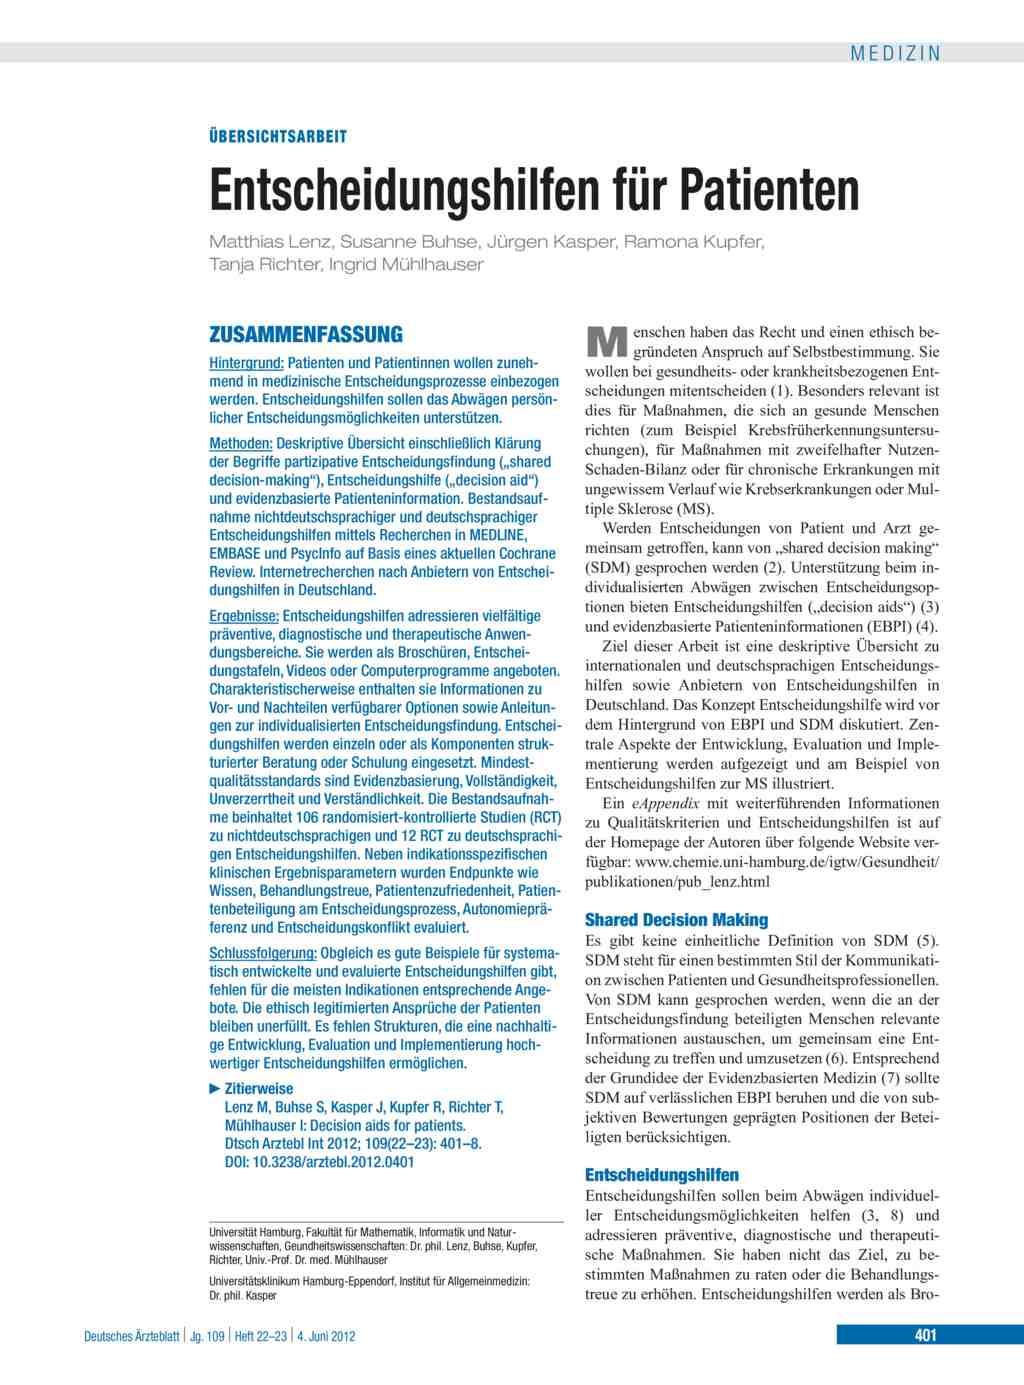 Entscheidungshilfen für Patienten